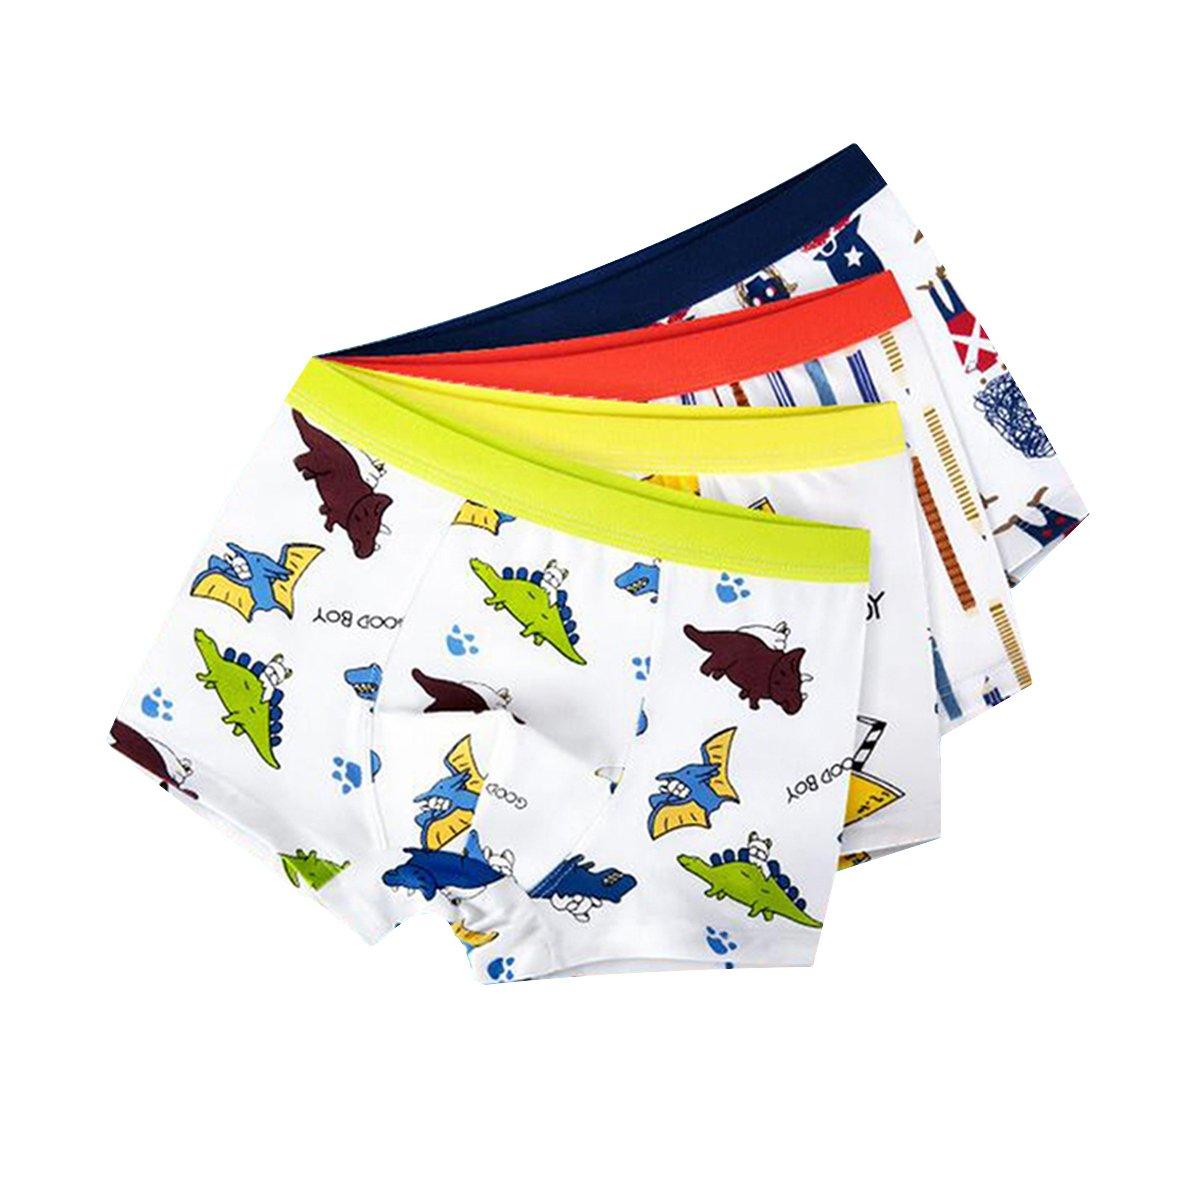 1d209c245b999 パンツ ボーイズ パンツ 4枚セット キッズ 綿 下着 子供 幼児 小学生 保育園 ブラック